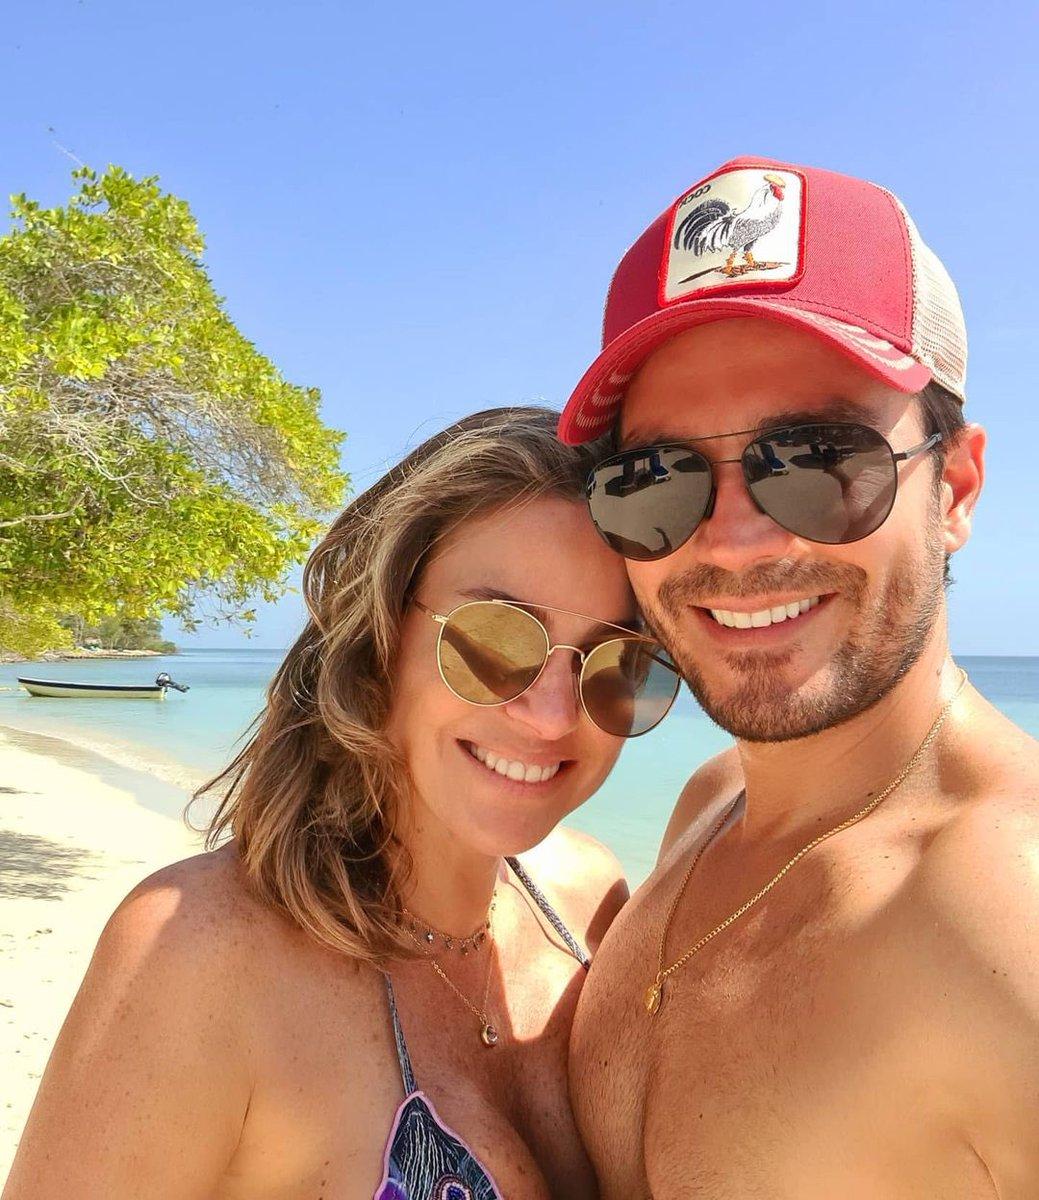 🥰🥰❤️❤️ #Repost @Lucianoda   El mejor comienzo de semana!!! Con mi @RequenaCNN y en la playa! 🙌❤ #mondaymood #beach